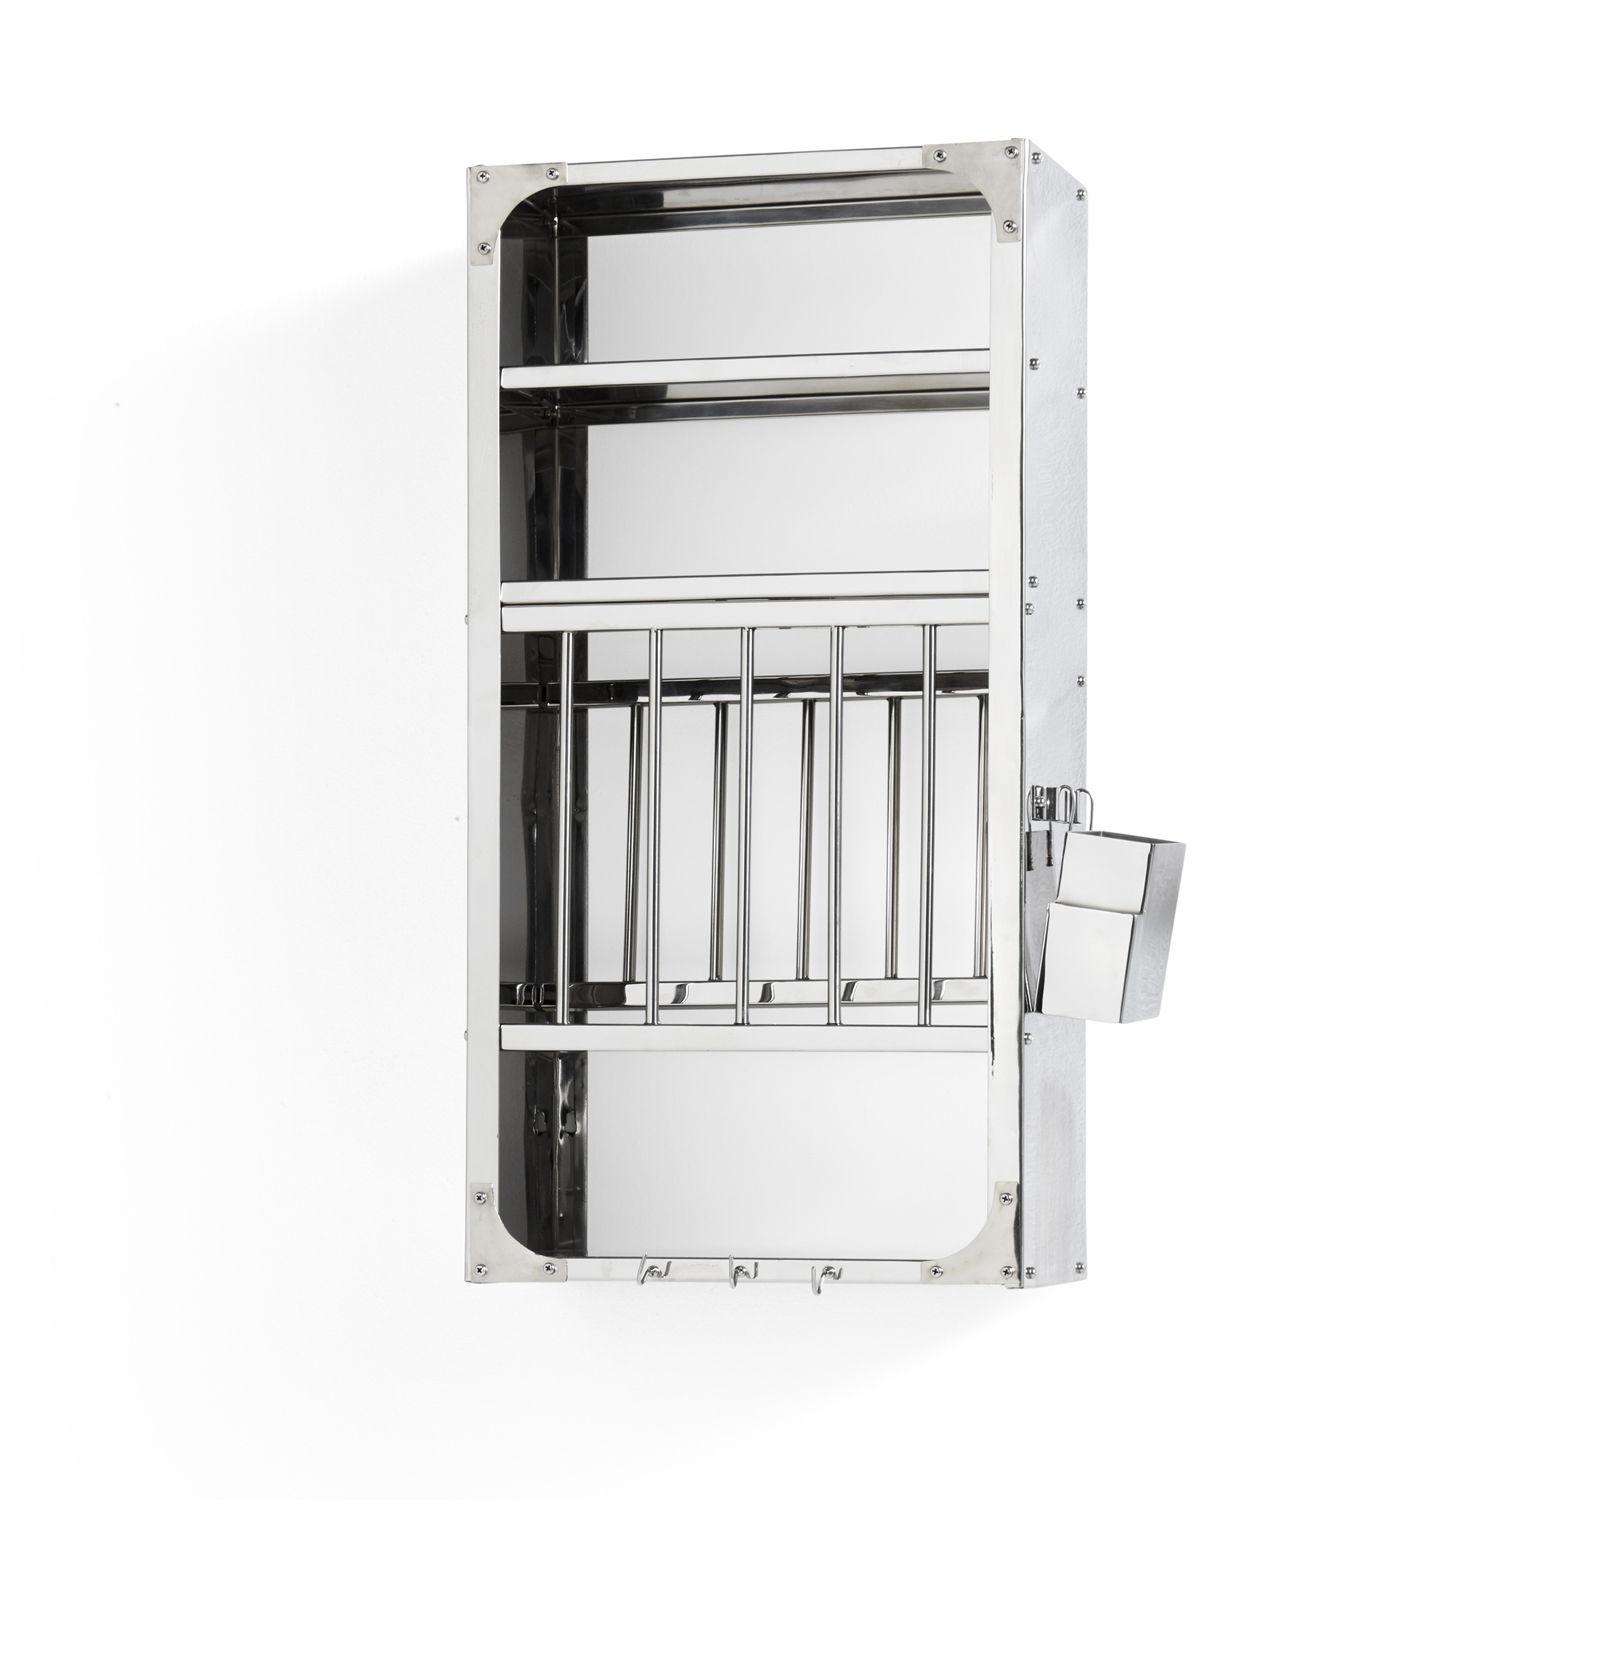 Möbel - Beistell-Möbel - Indian Medium Regal / Geschirrschrank - L 40 cm x H 78 cm - Hay - Klein / Stahl - rostfreier Stahl